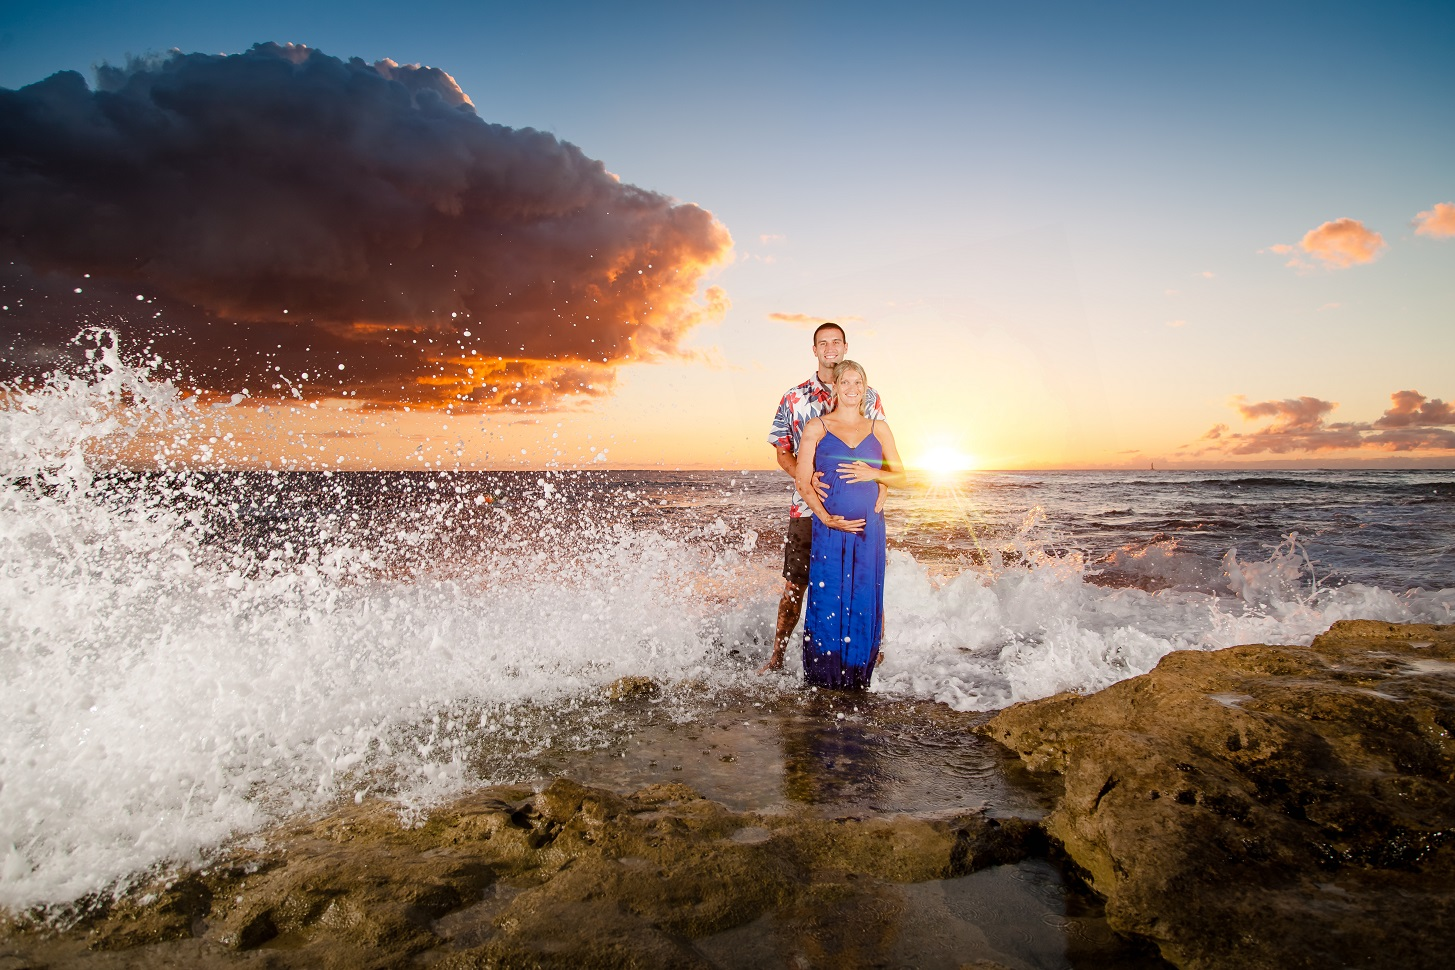 crashing wave baby expecting maternity couple hawaii portrait